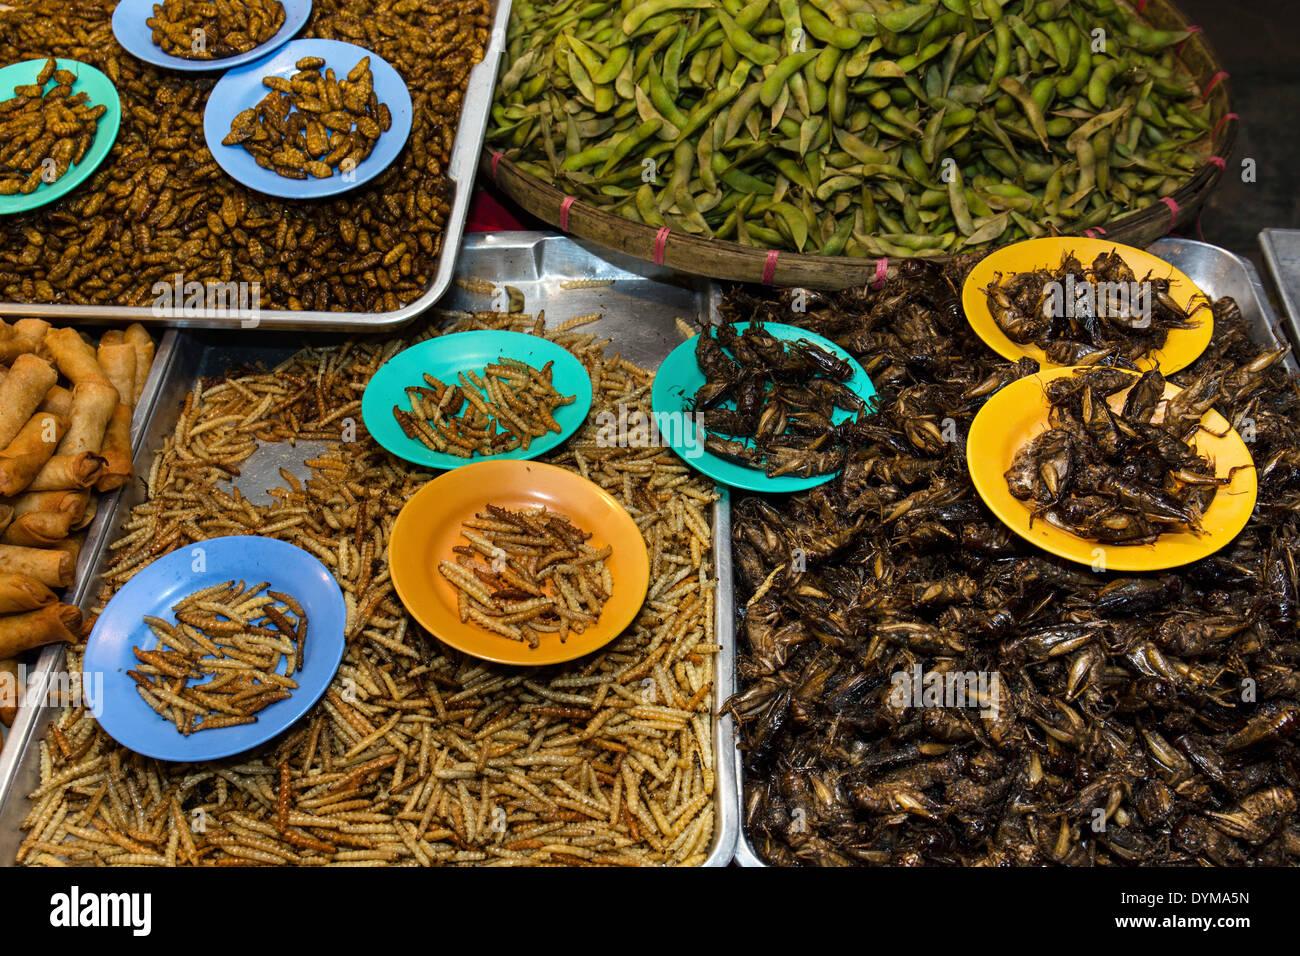 Seidenraupen und frittierte Grillen, thailändische Spezialitäten auf dem Nachtmarkt in Walking Street, Chiang Rai, Chiang Rai Provinz vom Grill Stockbild